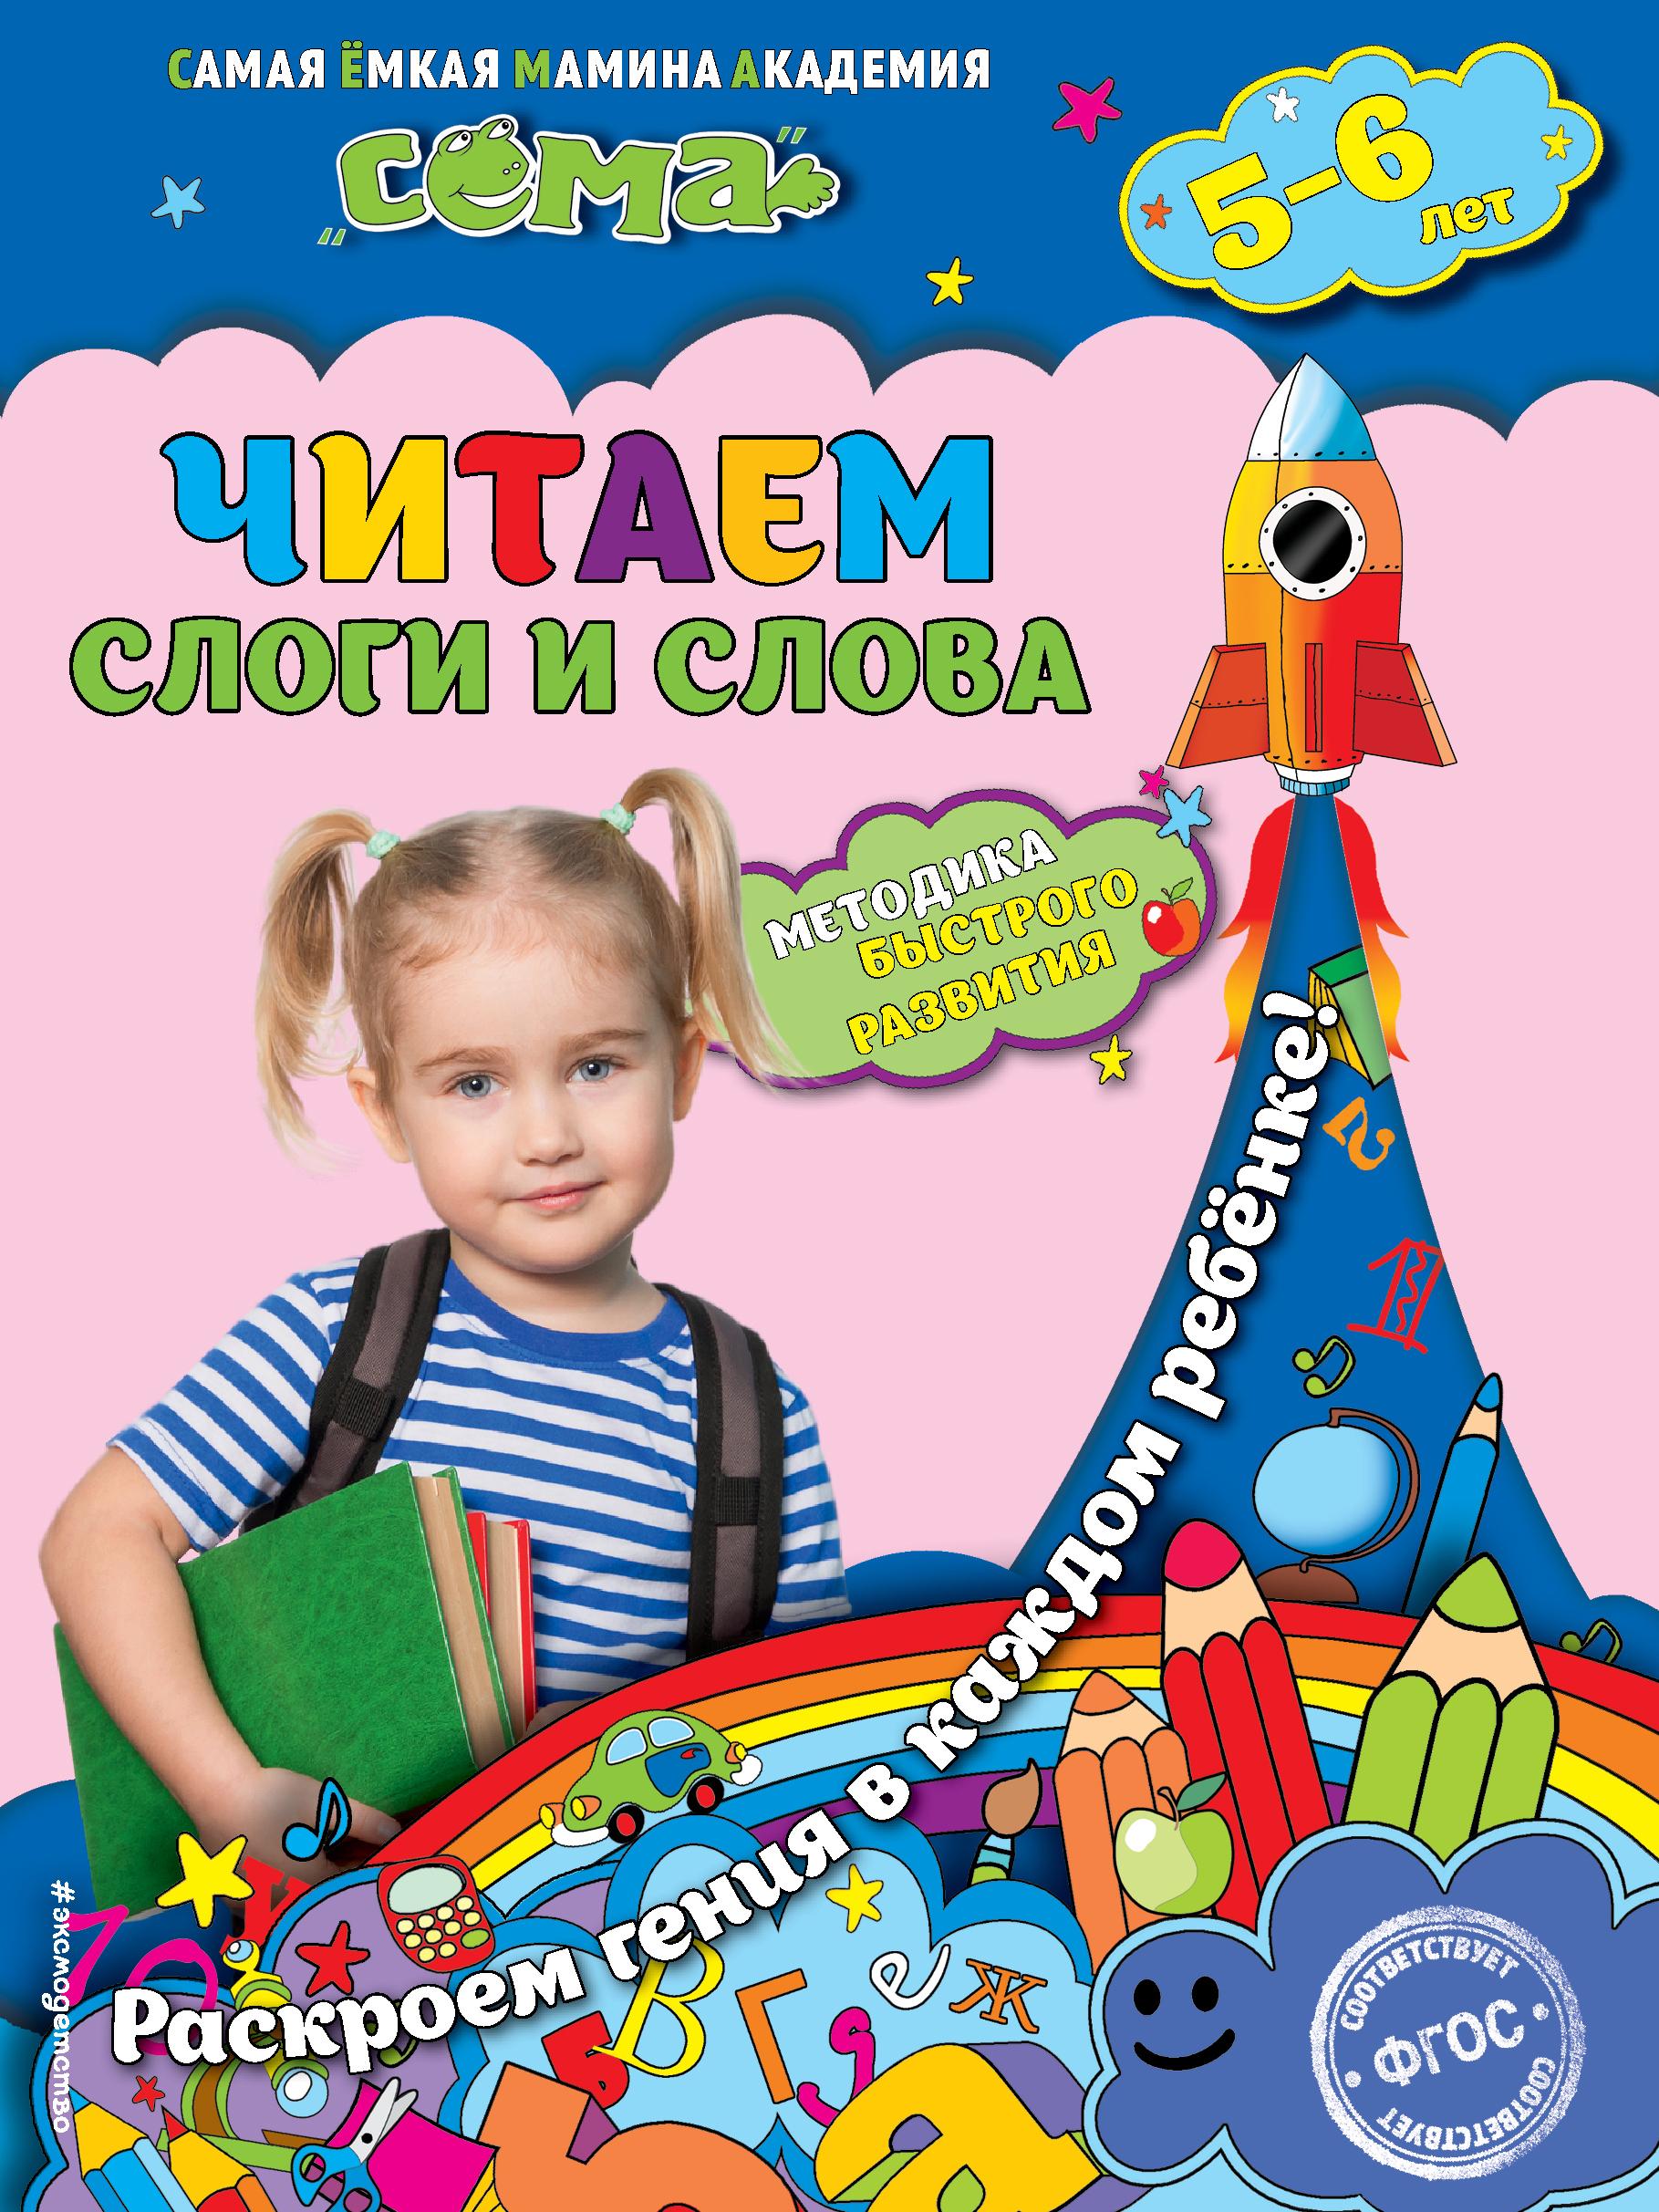 М.Н. Иванова, С.В. Липина Читаем слоги и слова: для детей 5-6 лет